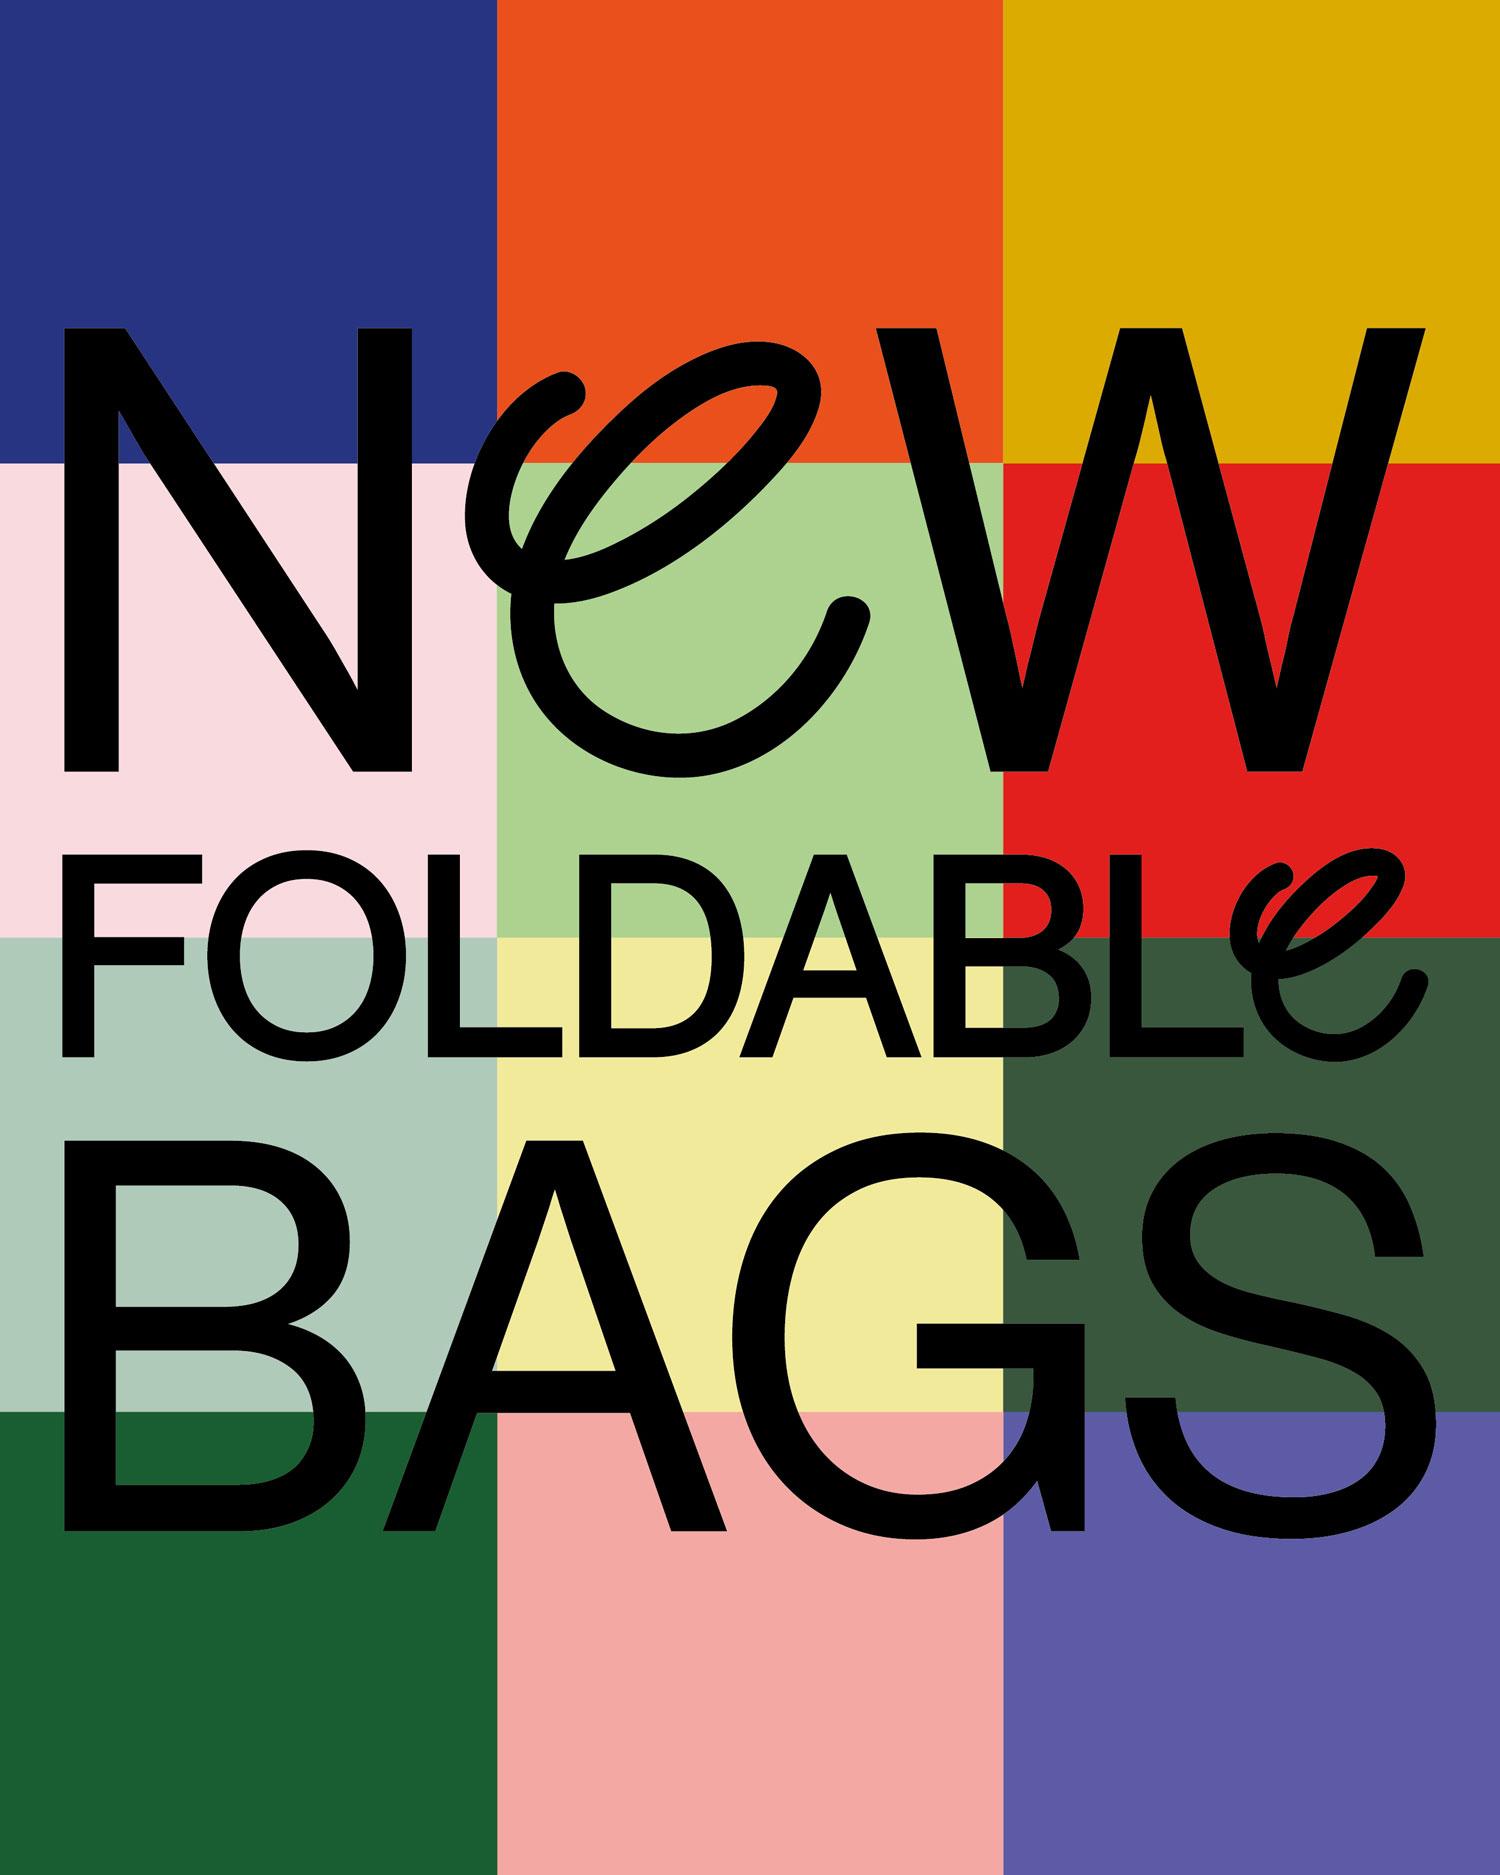 Wood'd Foldable Bags